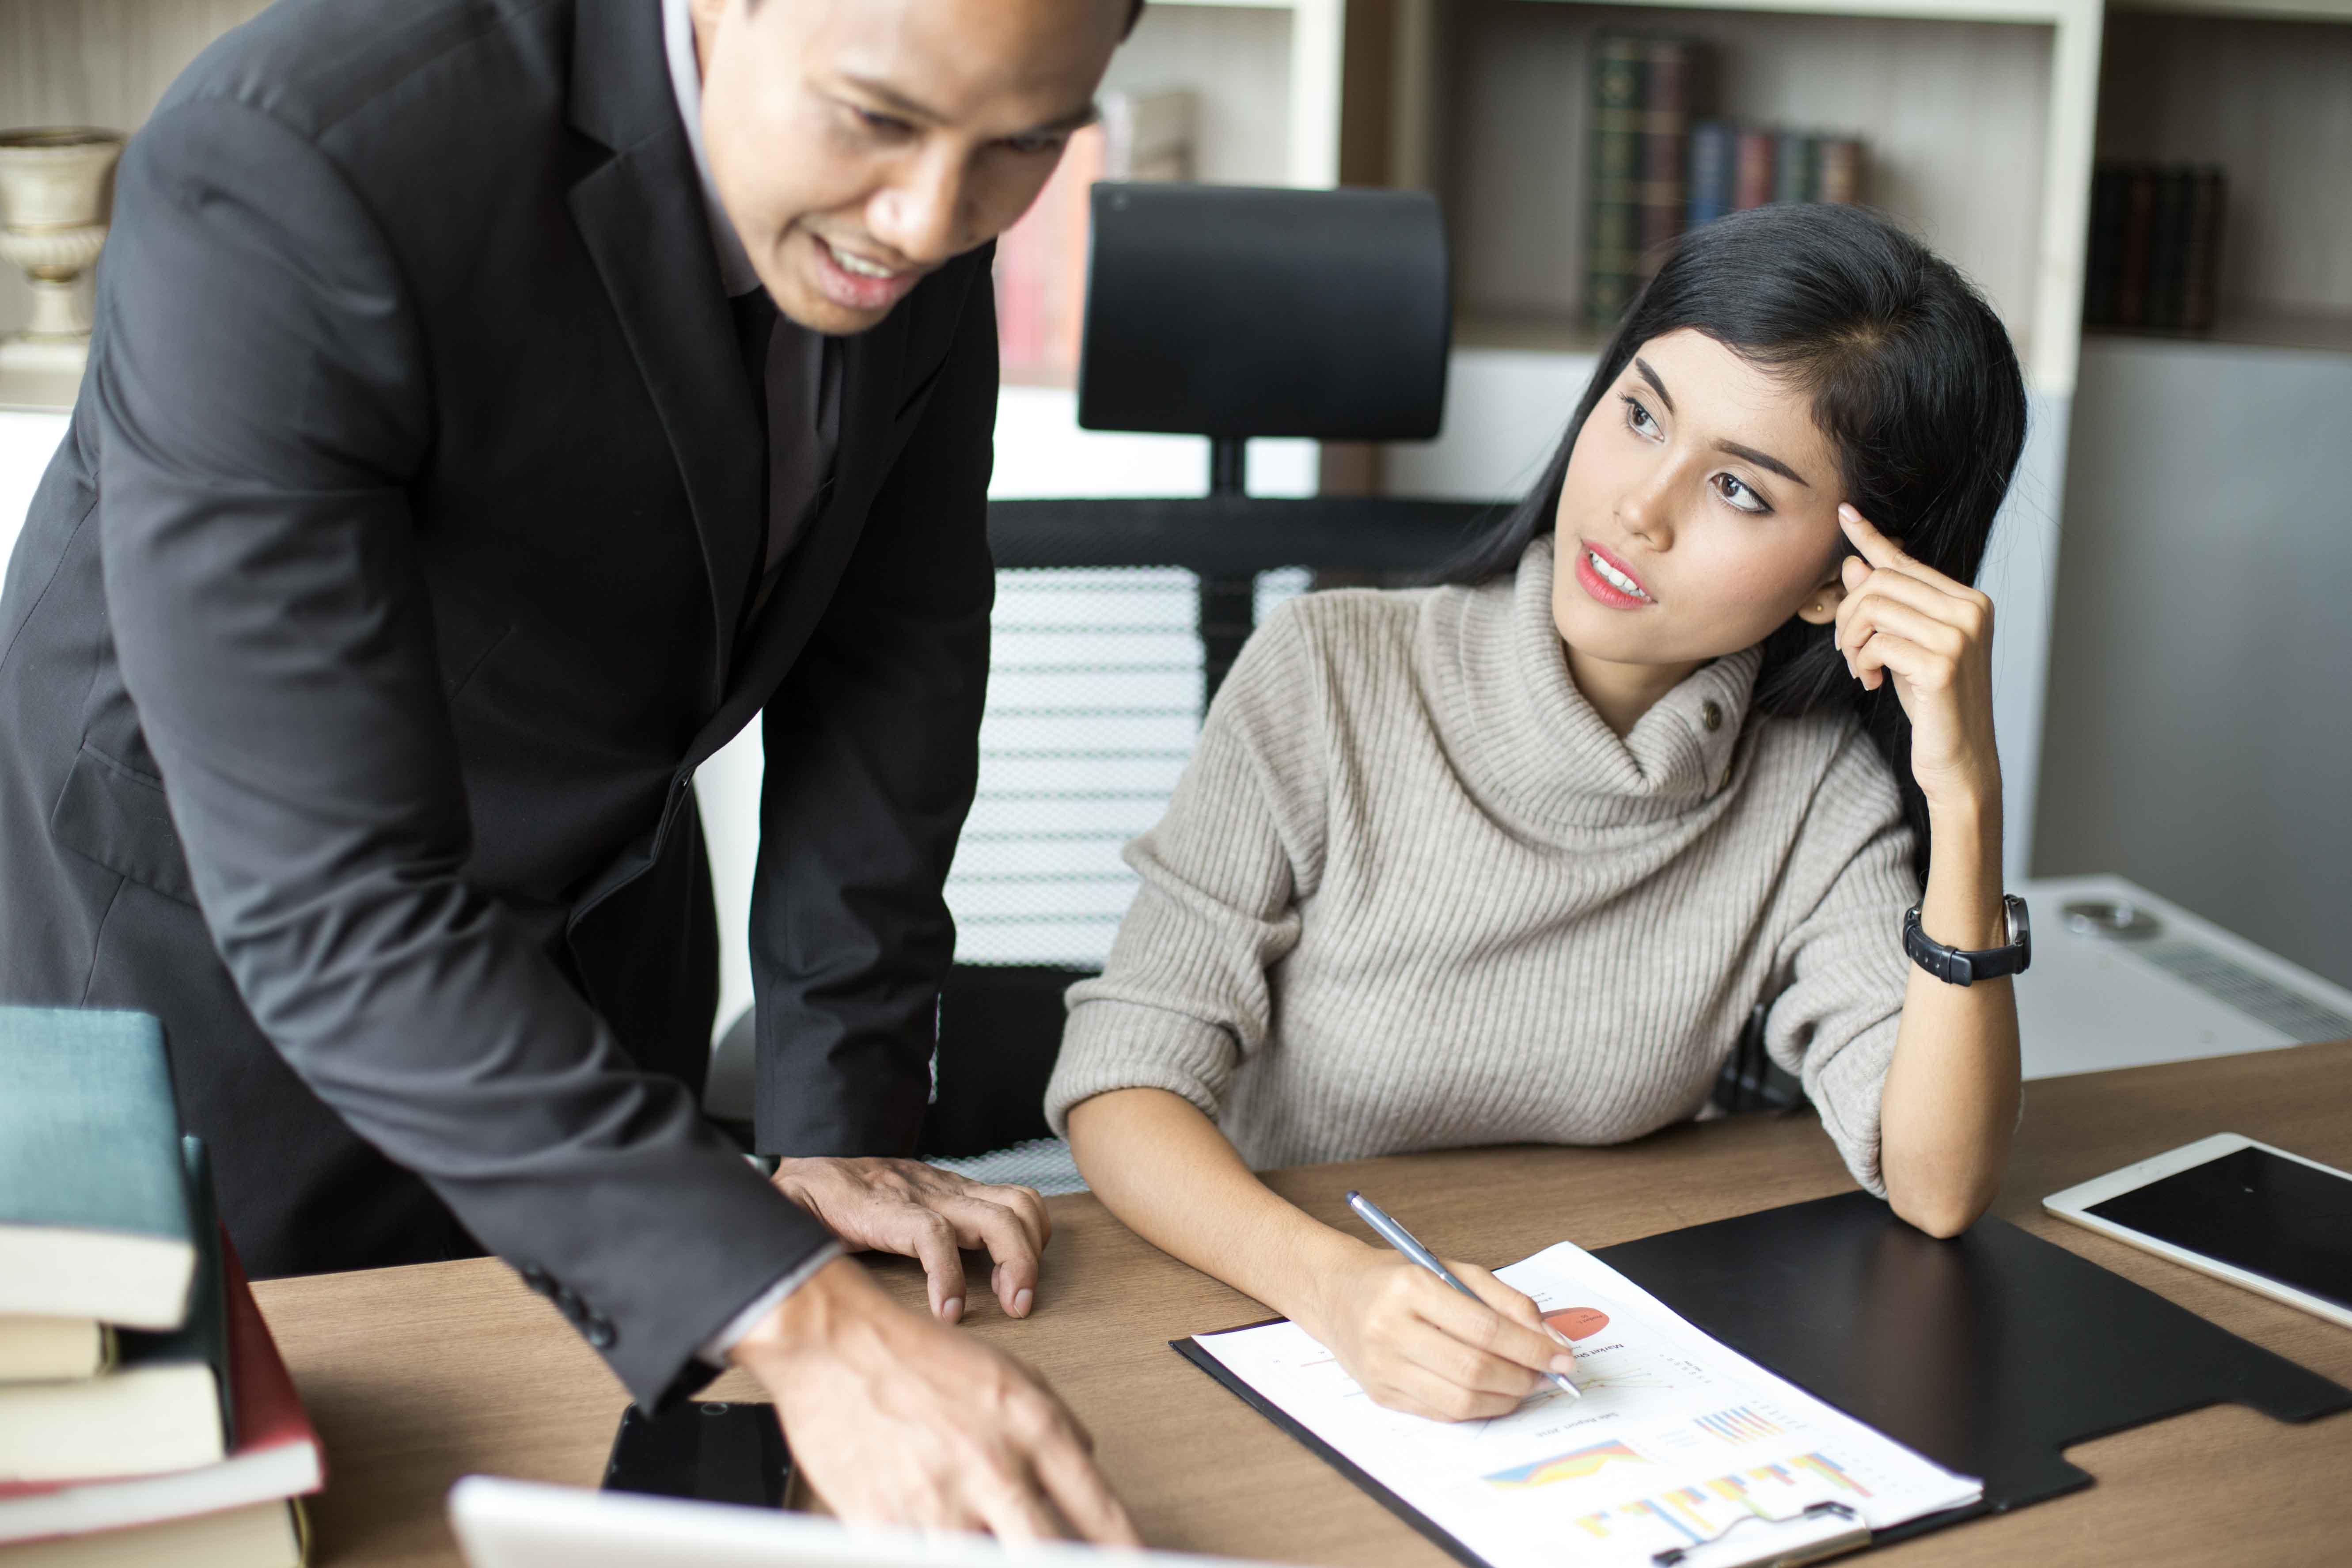 Ejecutiva y secretario charlando en un despacho